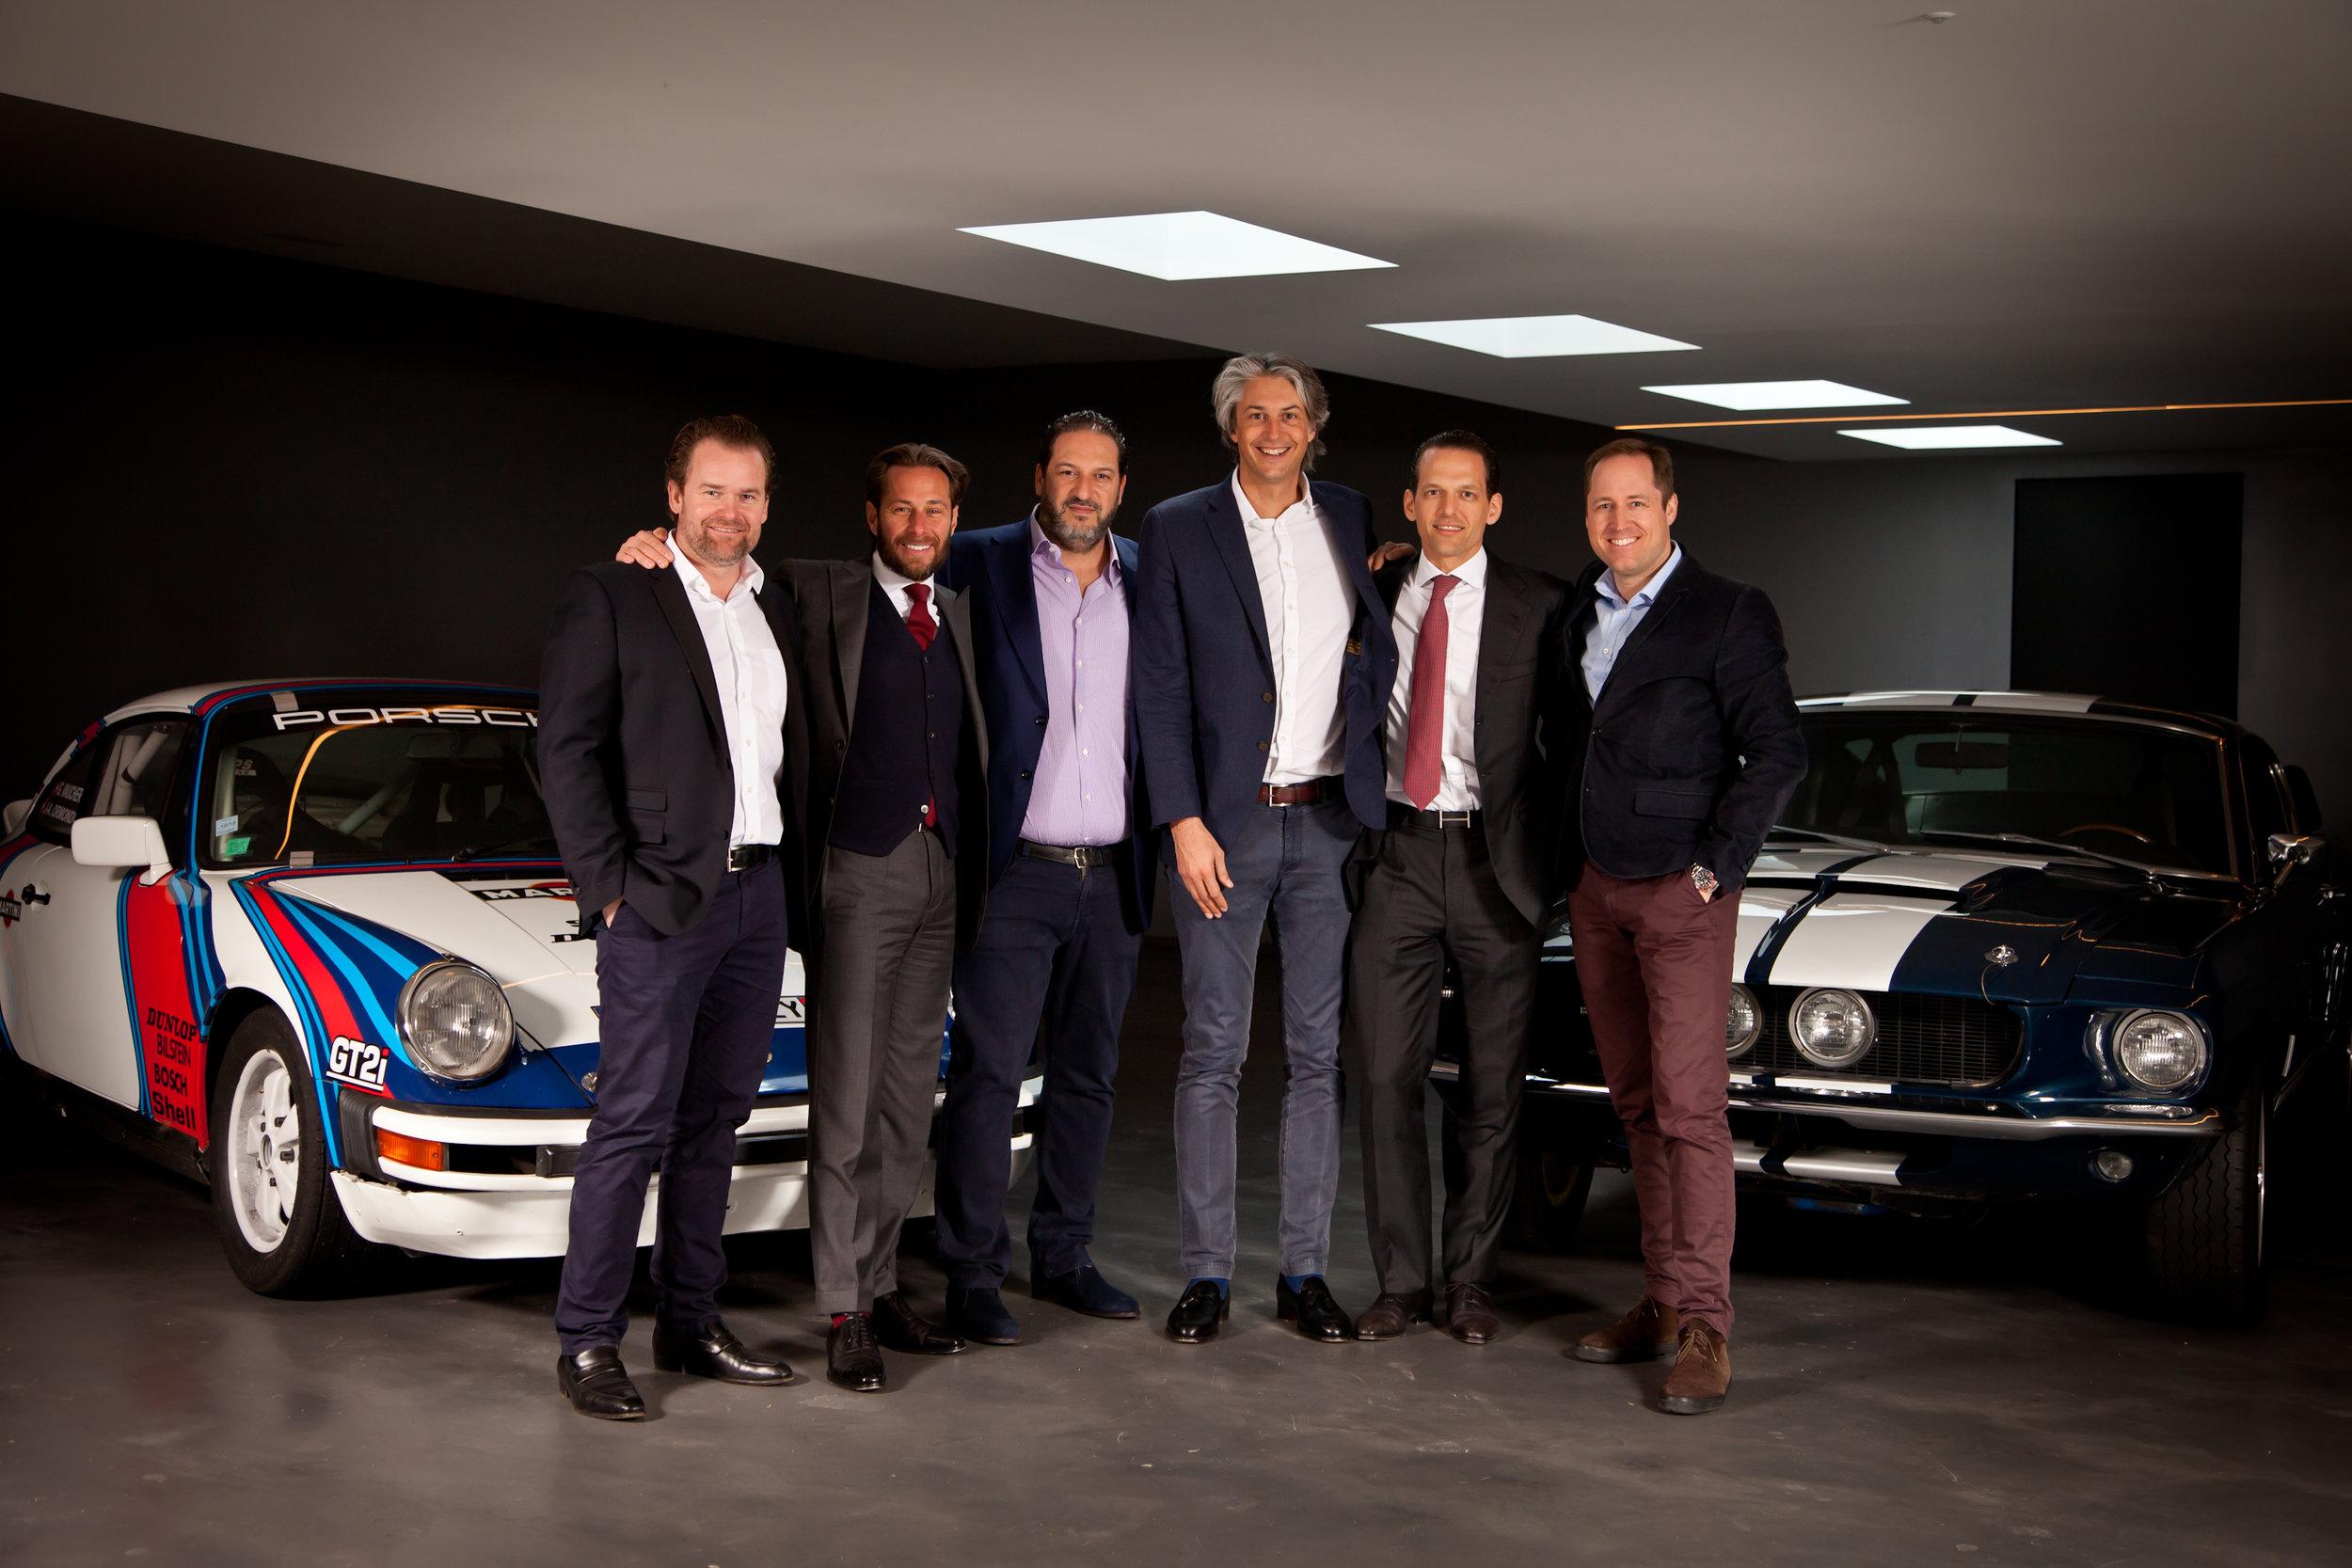 Le comité de gauche à droite: Luc Schulthess, Grégoire Vaucher, Alexandre Axarlis, Grégory Driot, Luca Bozzo, Florian Gautier